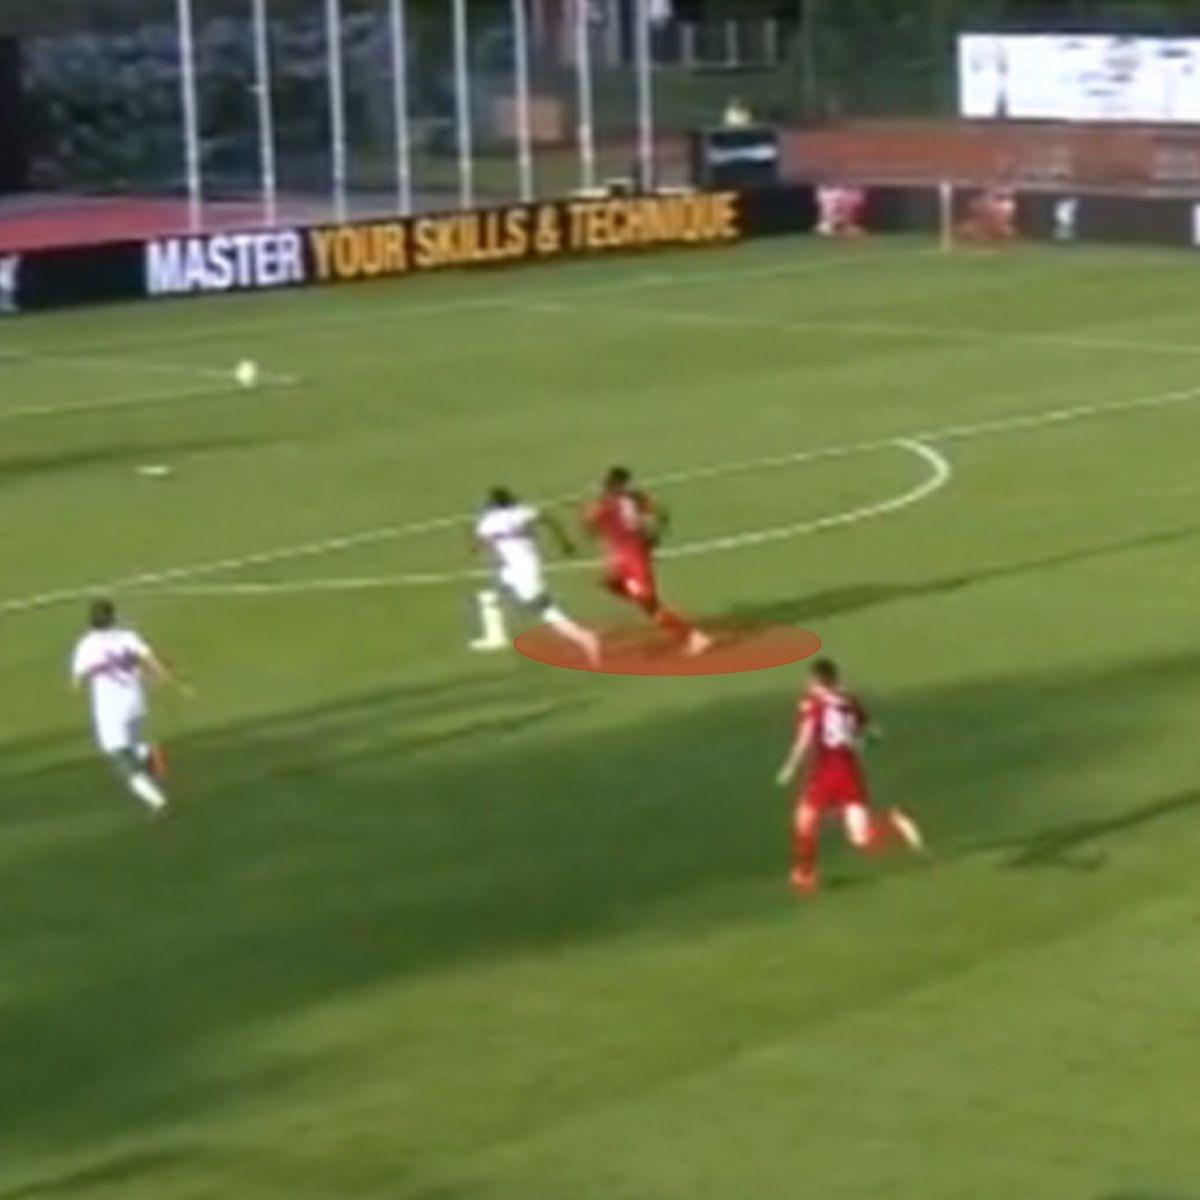 Tân binh của Liverpool tạo ra đoạn clip lan truyền trên mạng xã hội khi bứt tốc ngăn cản tiền đạo Stuttgart thoát xuống đối mặt thủ môn.